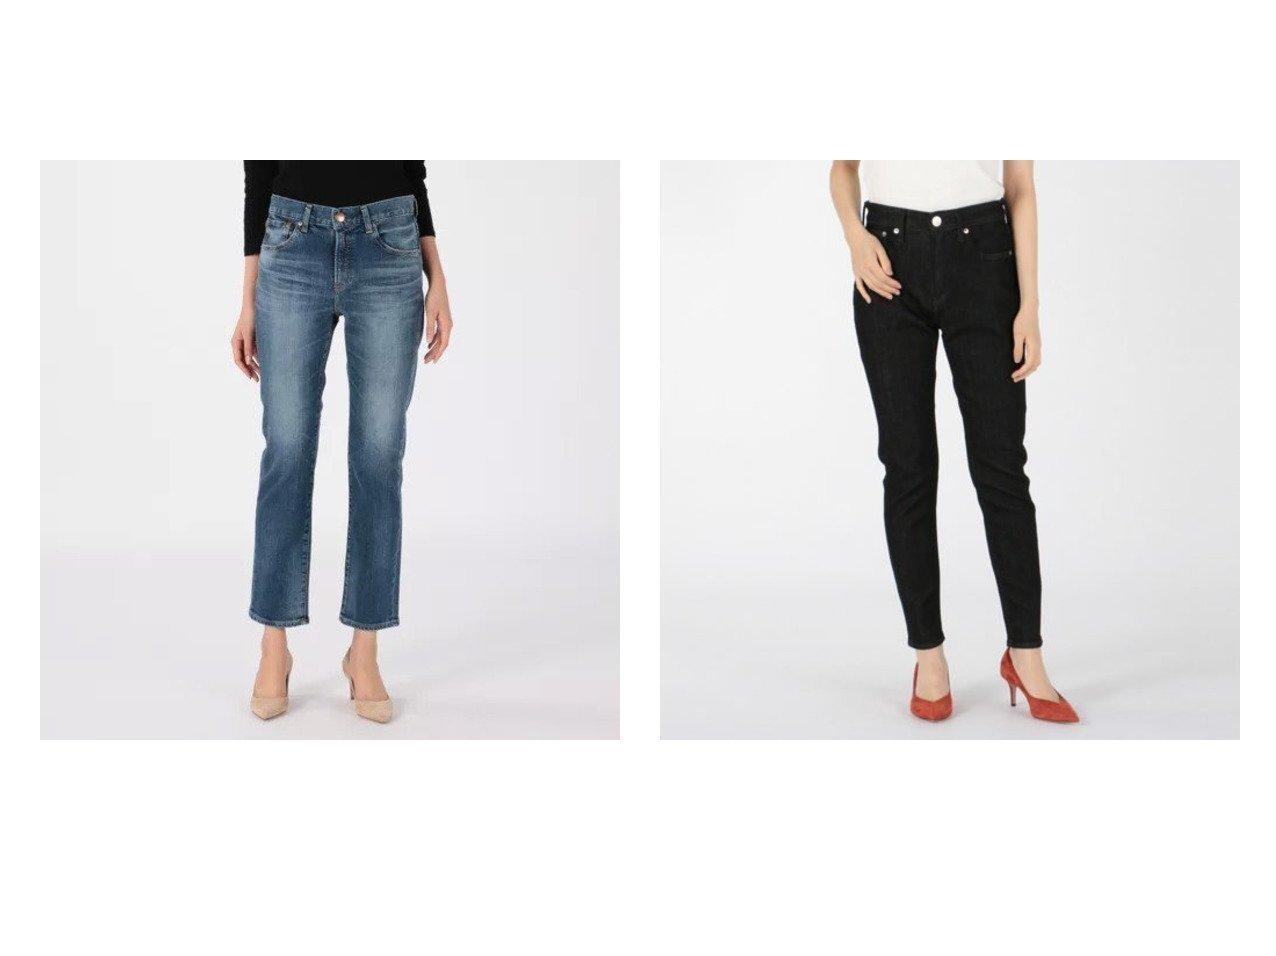 【RED CARD/レッドカード】のLiberty&Anniversary Highrise パンツのおすすめ!人気、トレンド・レディースファッションの通販 おすすめで人気の流行・トレンド、ファッションの通販商品 メンズファッション・キッズファッション・インテリア・家具・レディースファッション・服の通販 founy(ファニー) https://founy.com/ ファッション Fashion レディースファッション WOMEN パンツ Pants ウォッシュ グラデーション スキニー ストレート デニム ヴィンテージ 冬 Winter 洗える  ID:crp329100000016056